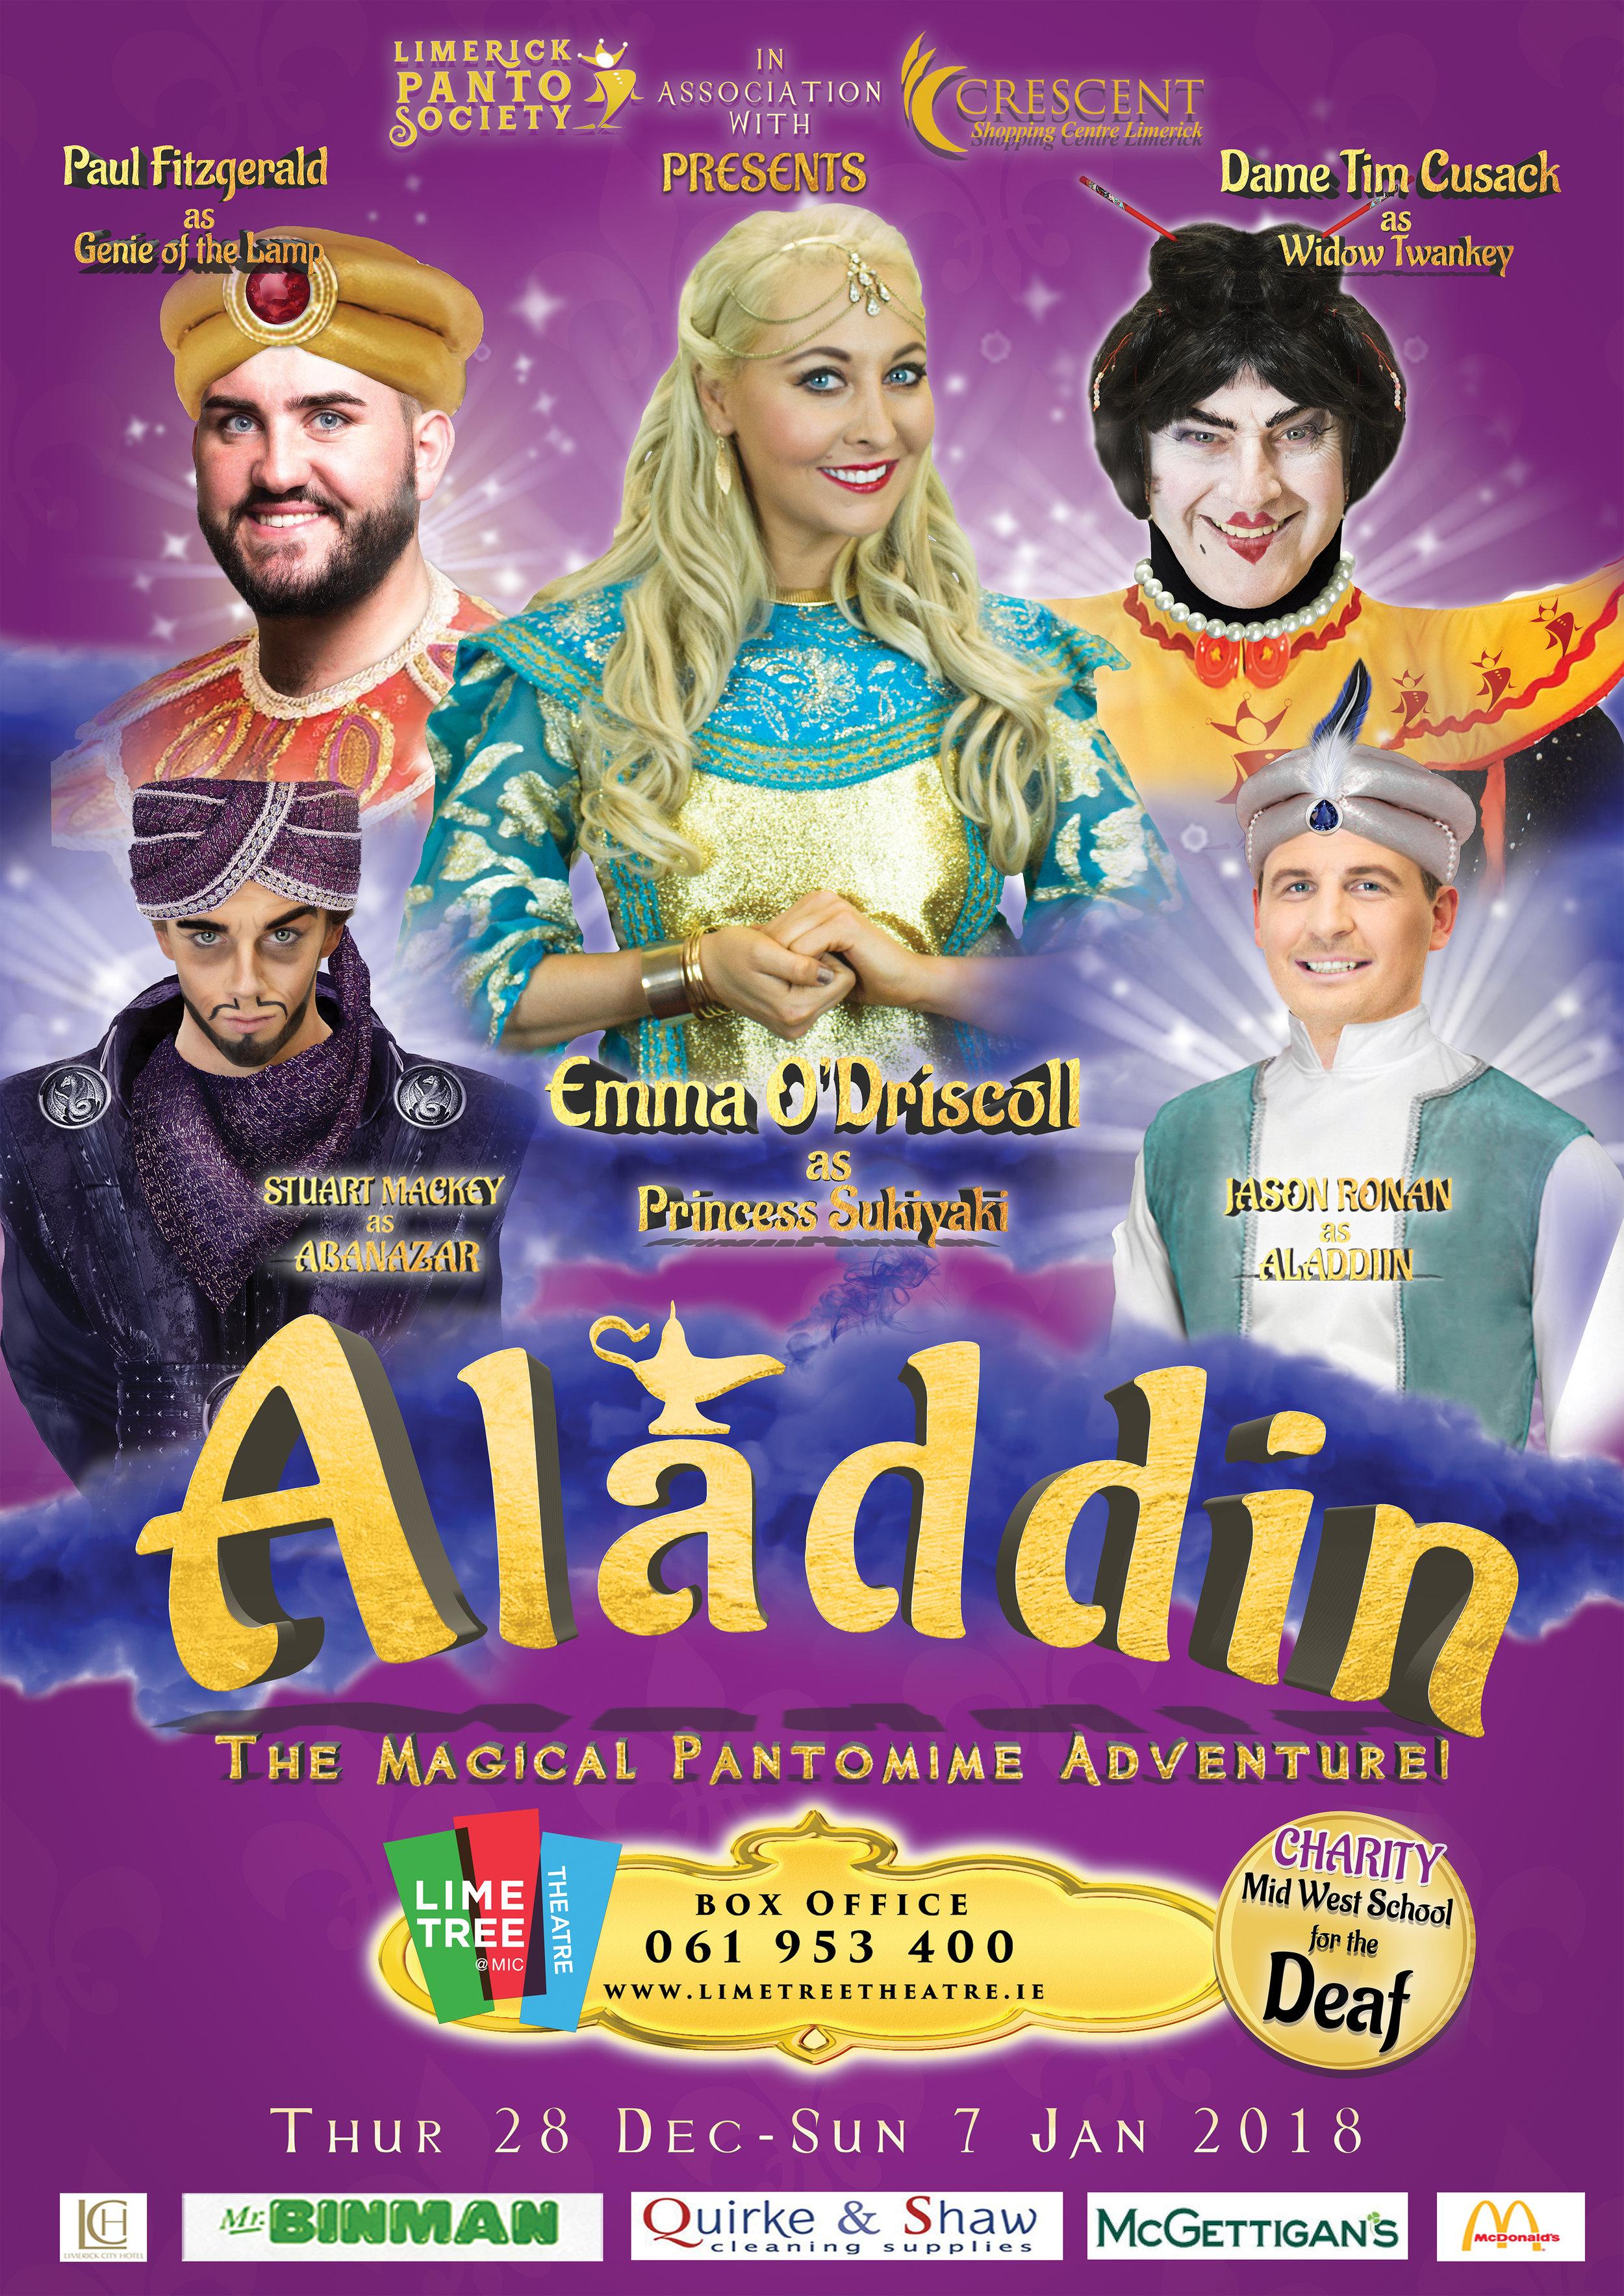 New_A3_AladdinPoster.jpg